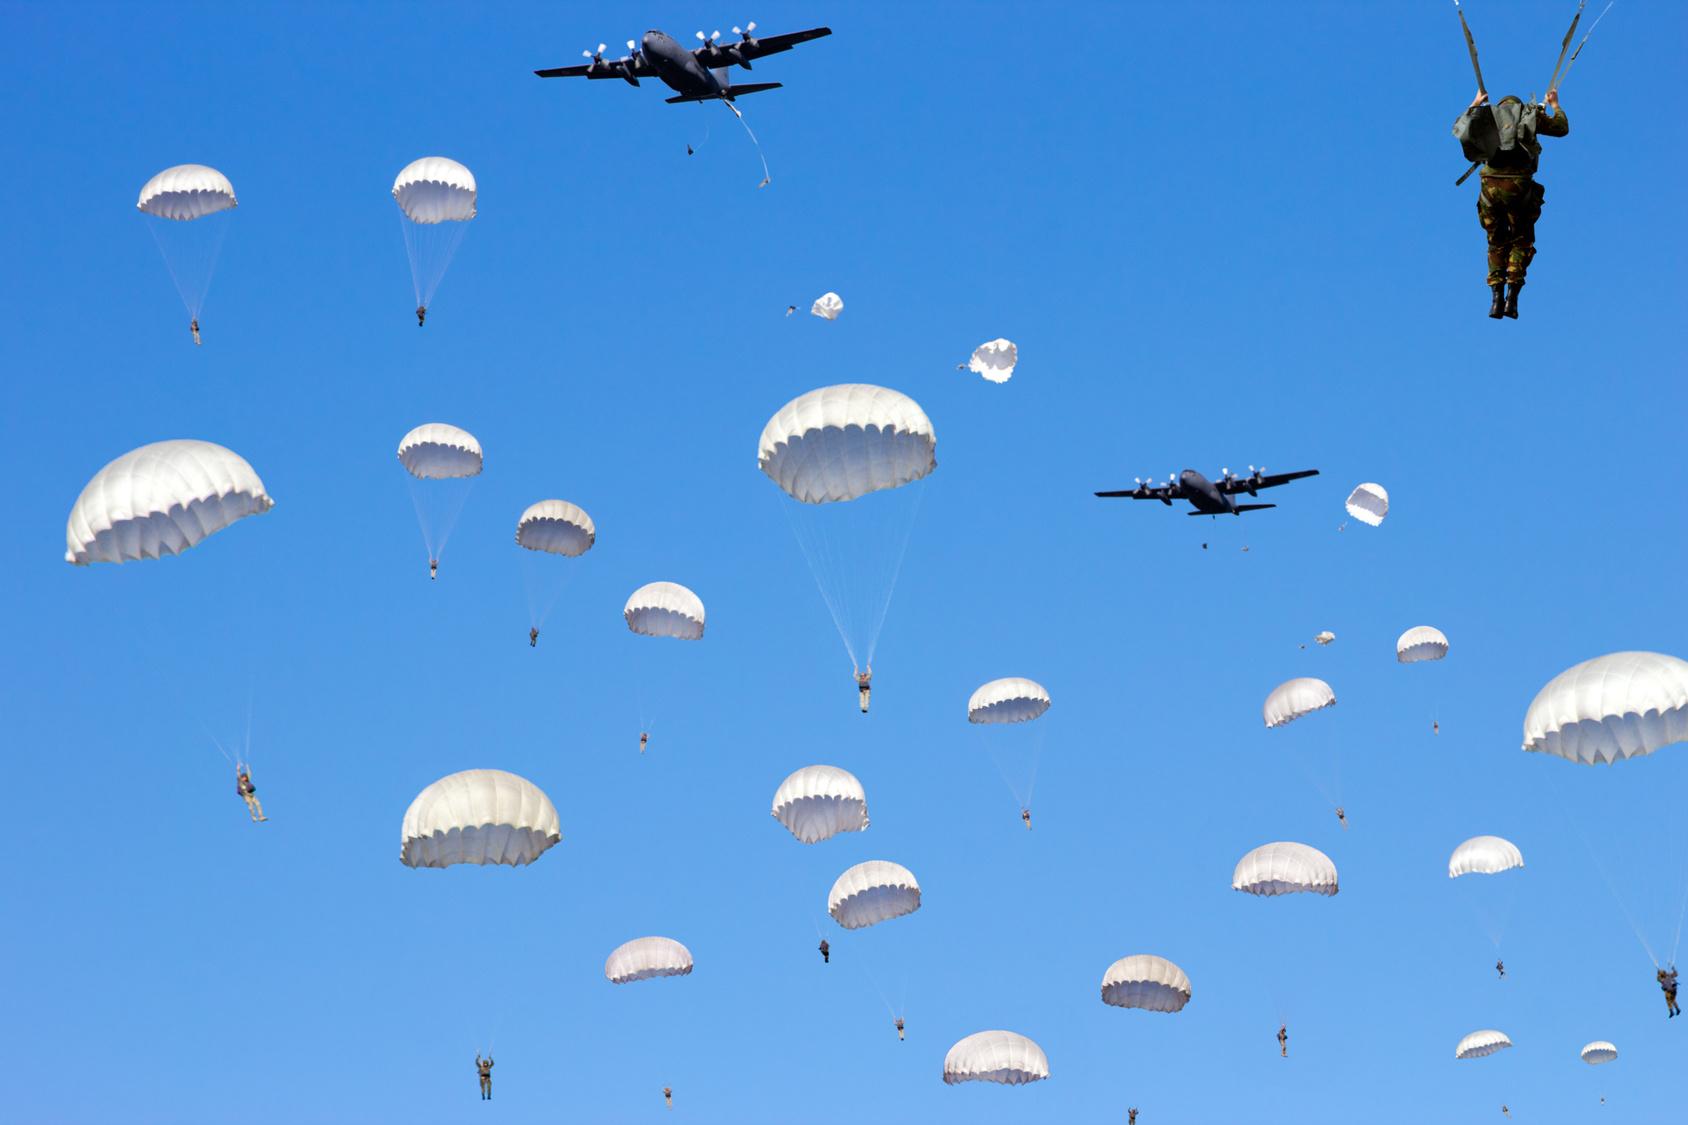 Fallschirm private Haftpflichtversicherung